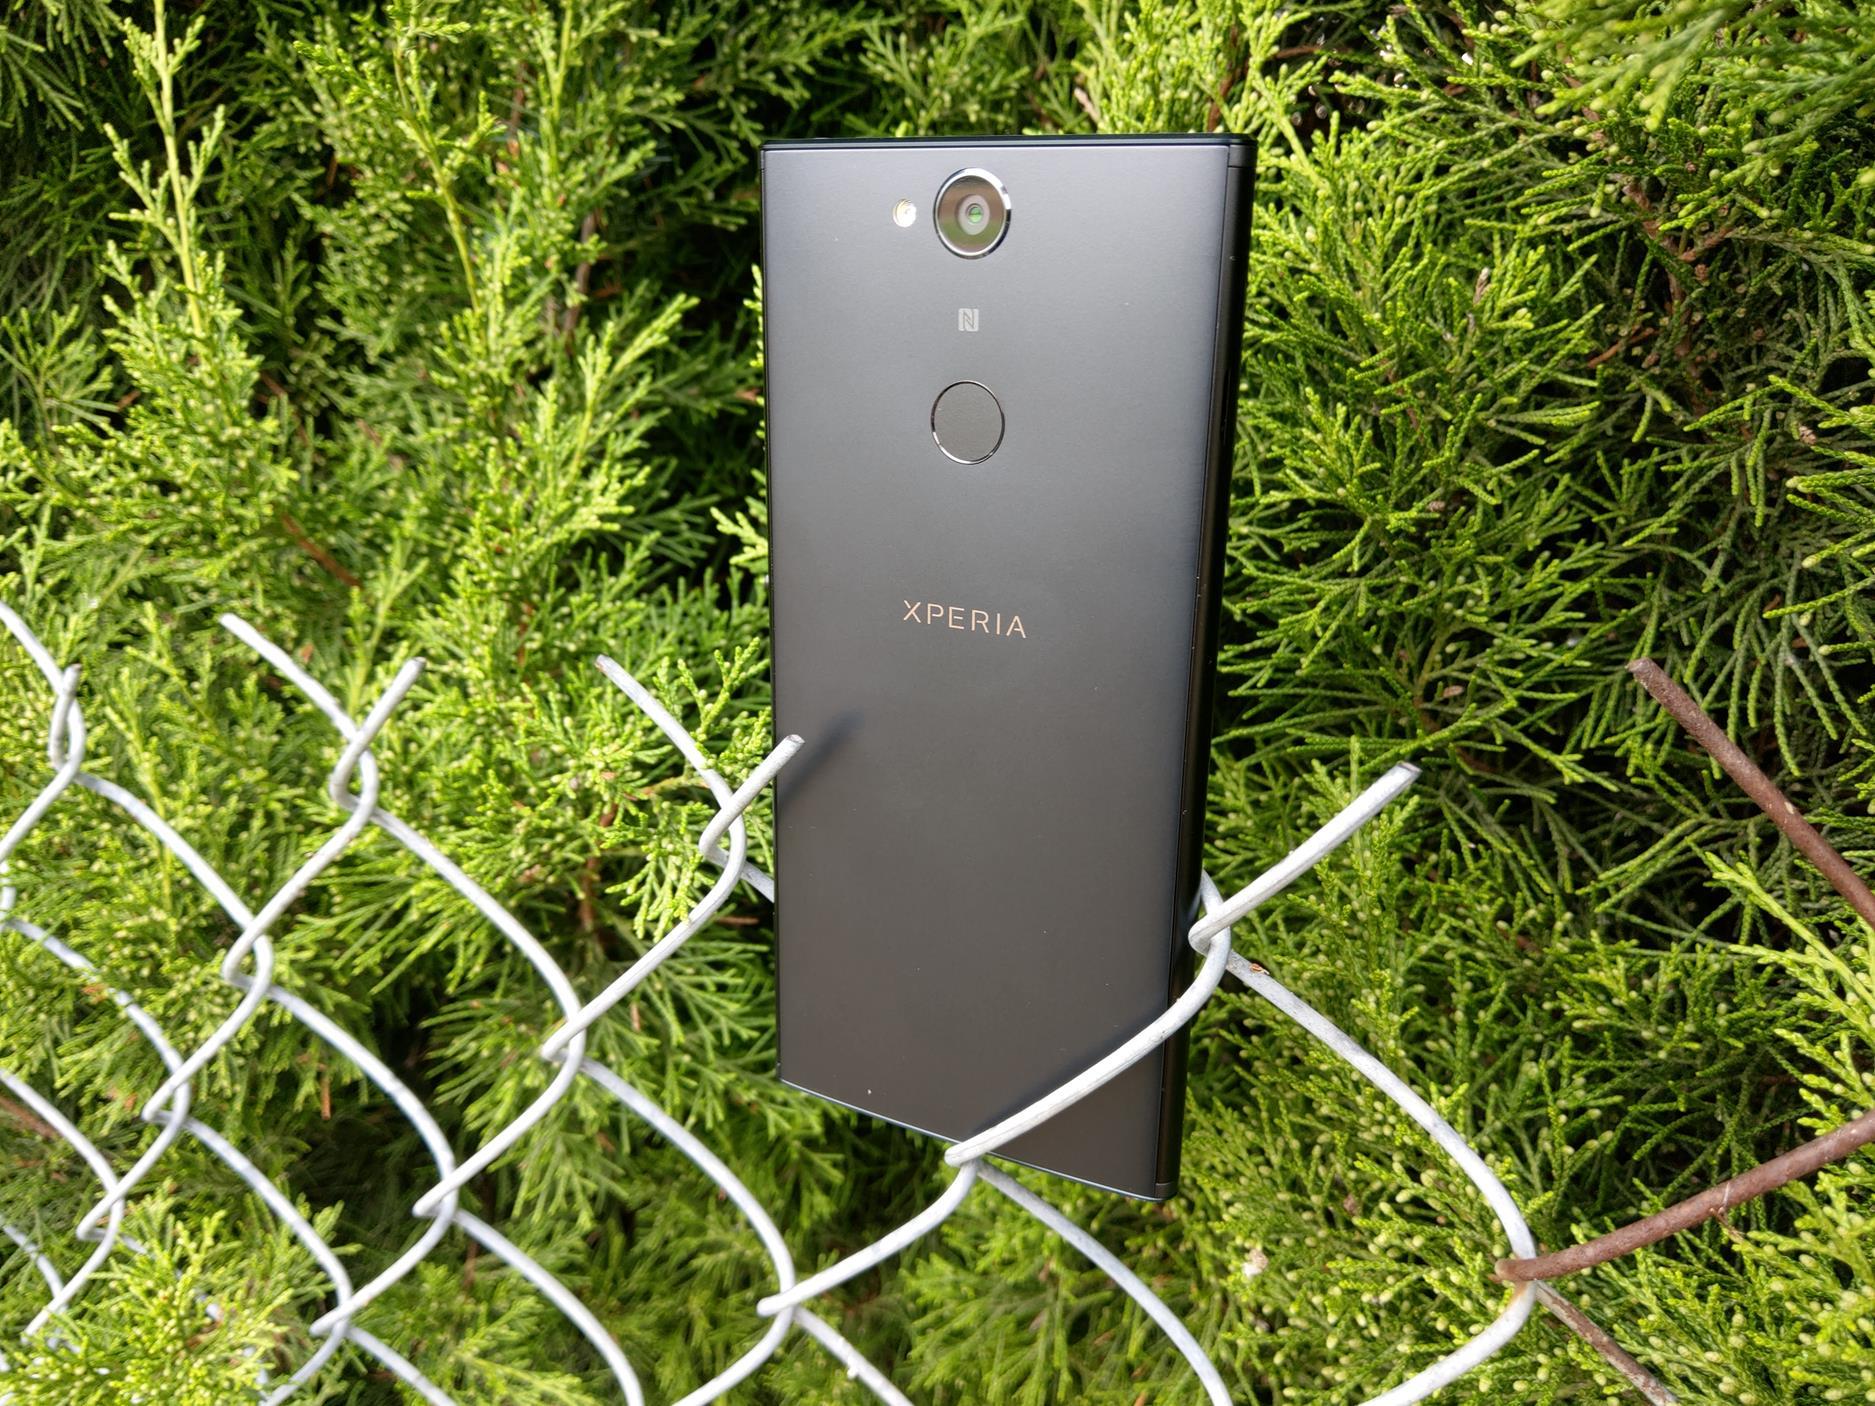 Recenzja Sony Xperia XA2 Plus. To dobry smartfon, ale nie zabrakło kilku rozczarowań 24